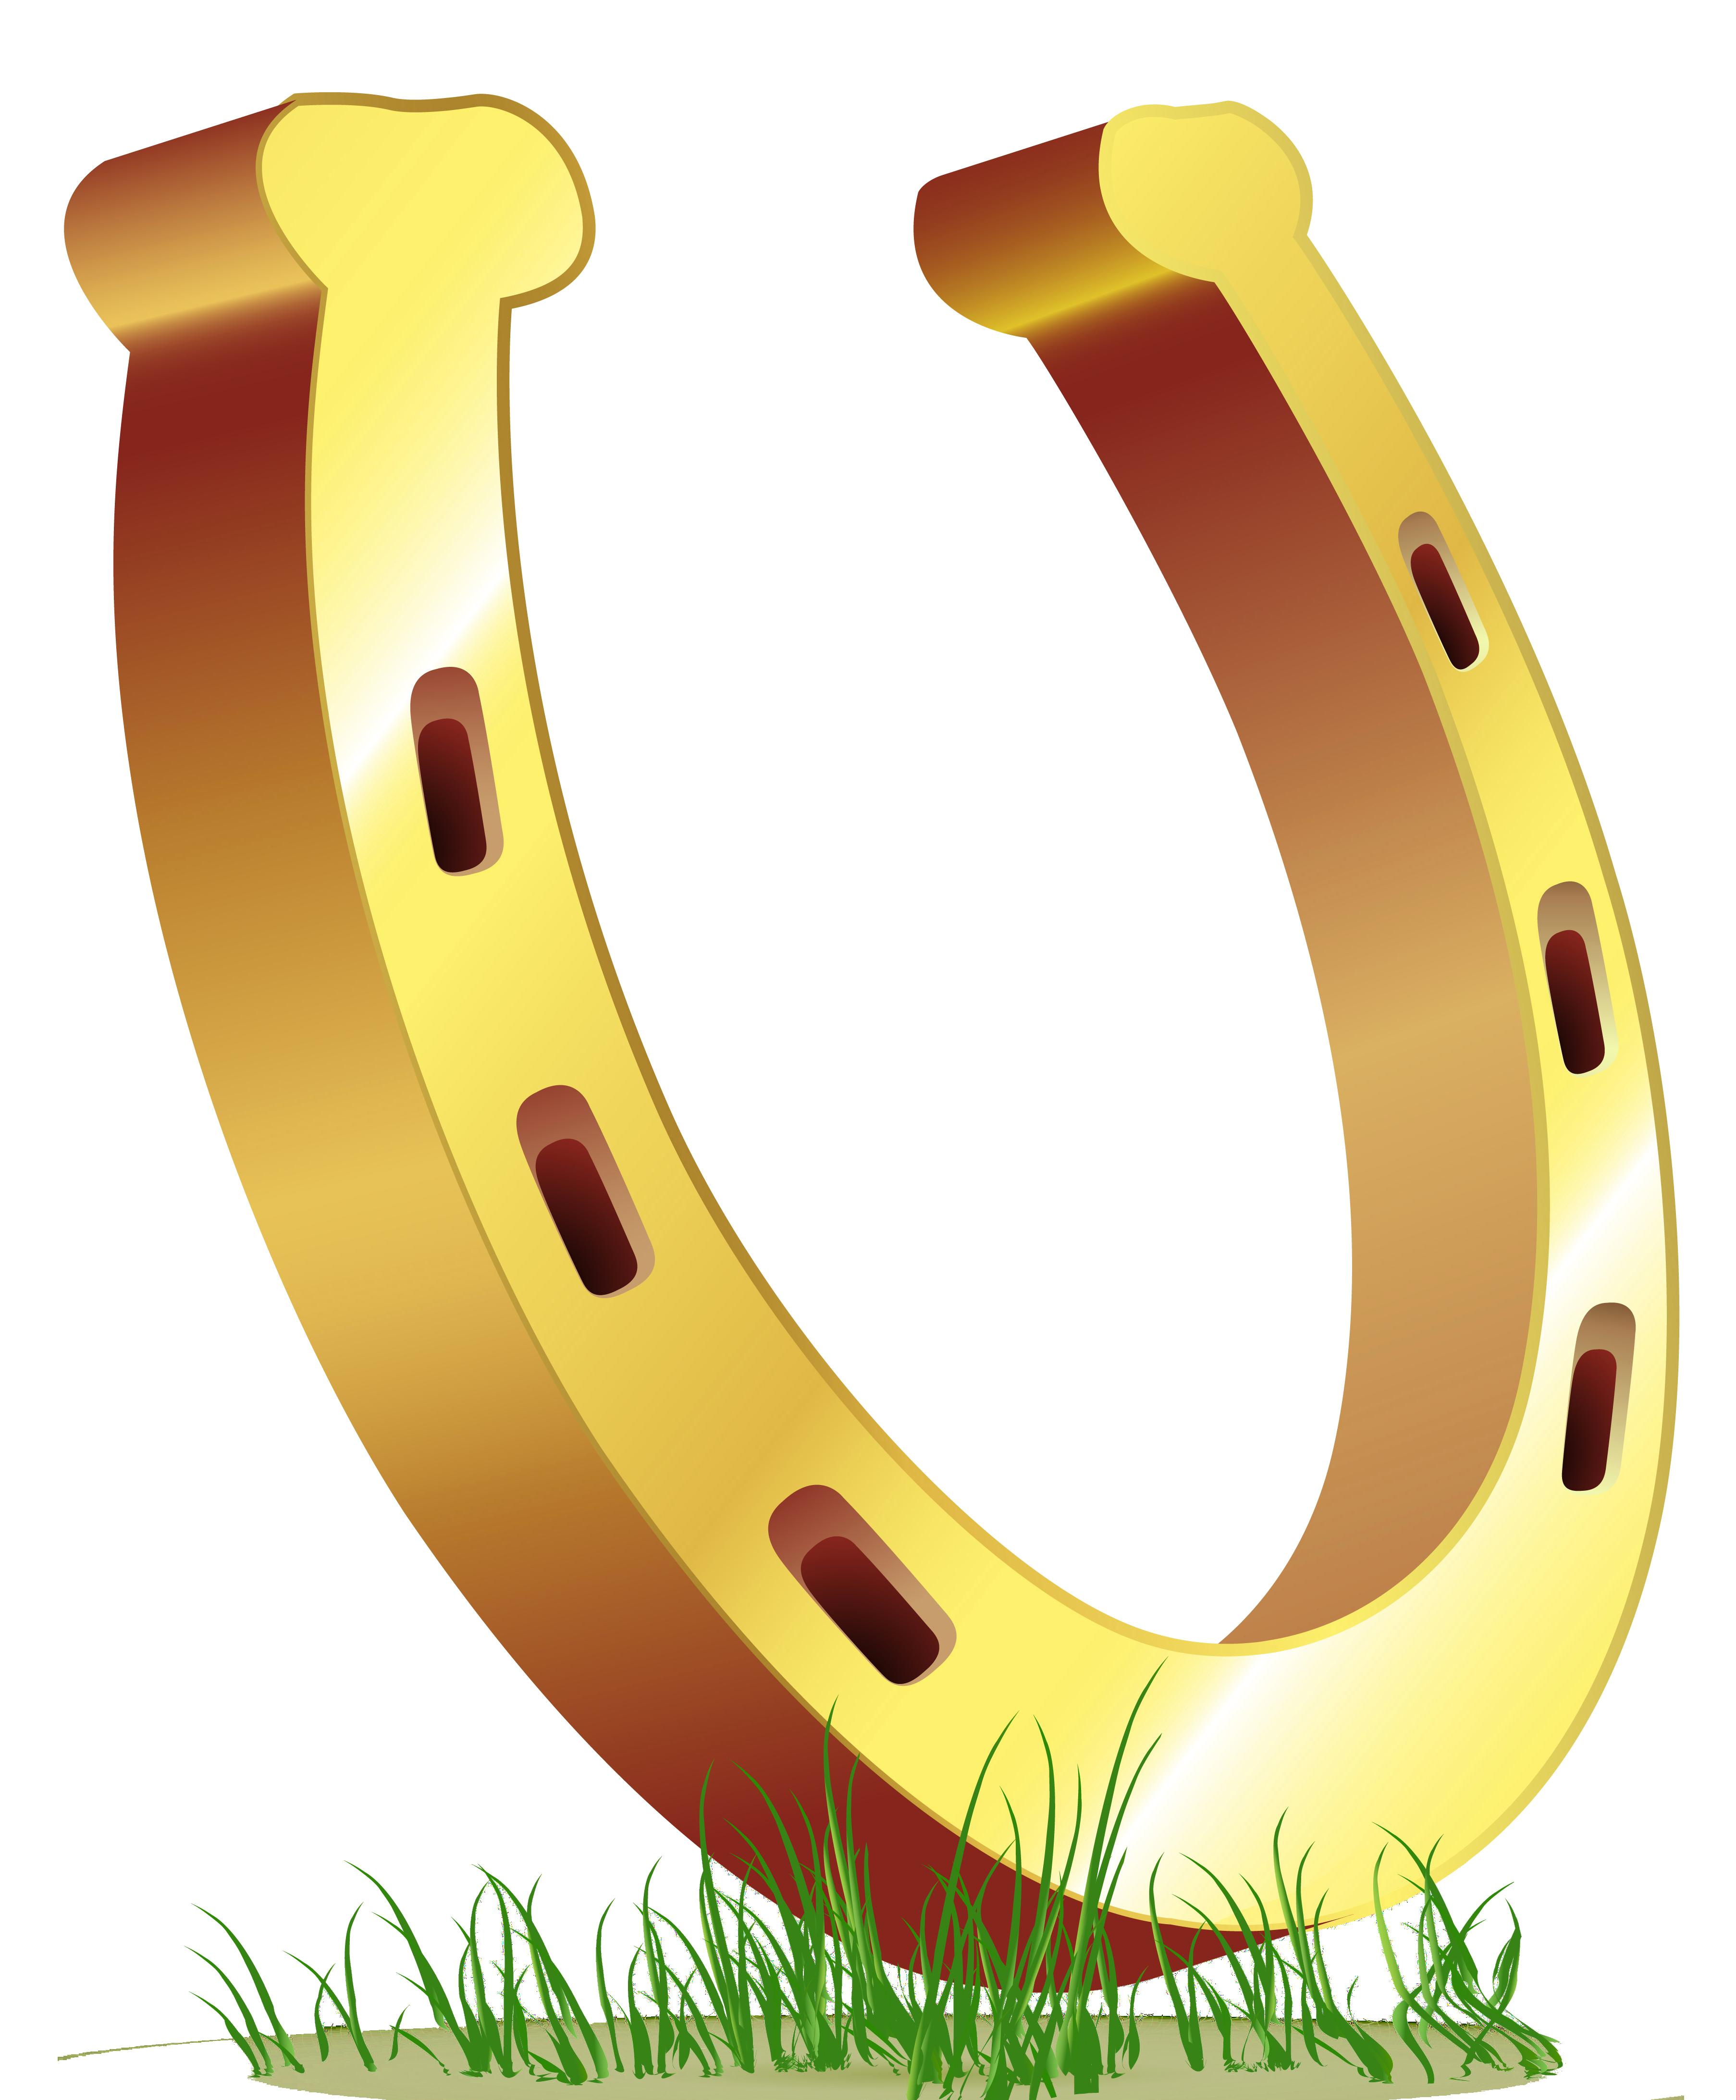 Horse shoe heart clipart clipart transparent download Wedding horseshoe clipart - ClipartFest clipart transparent download